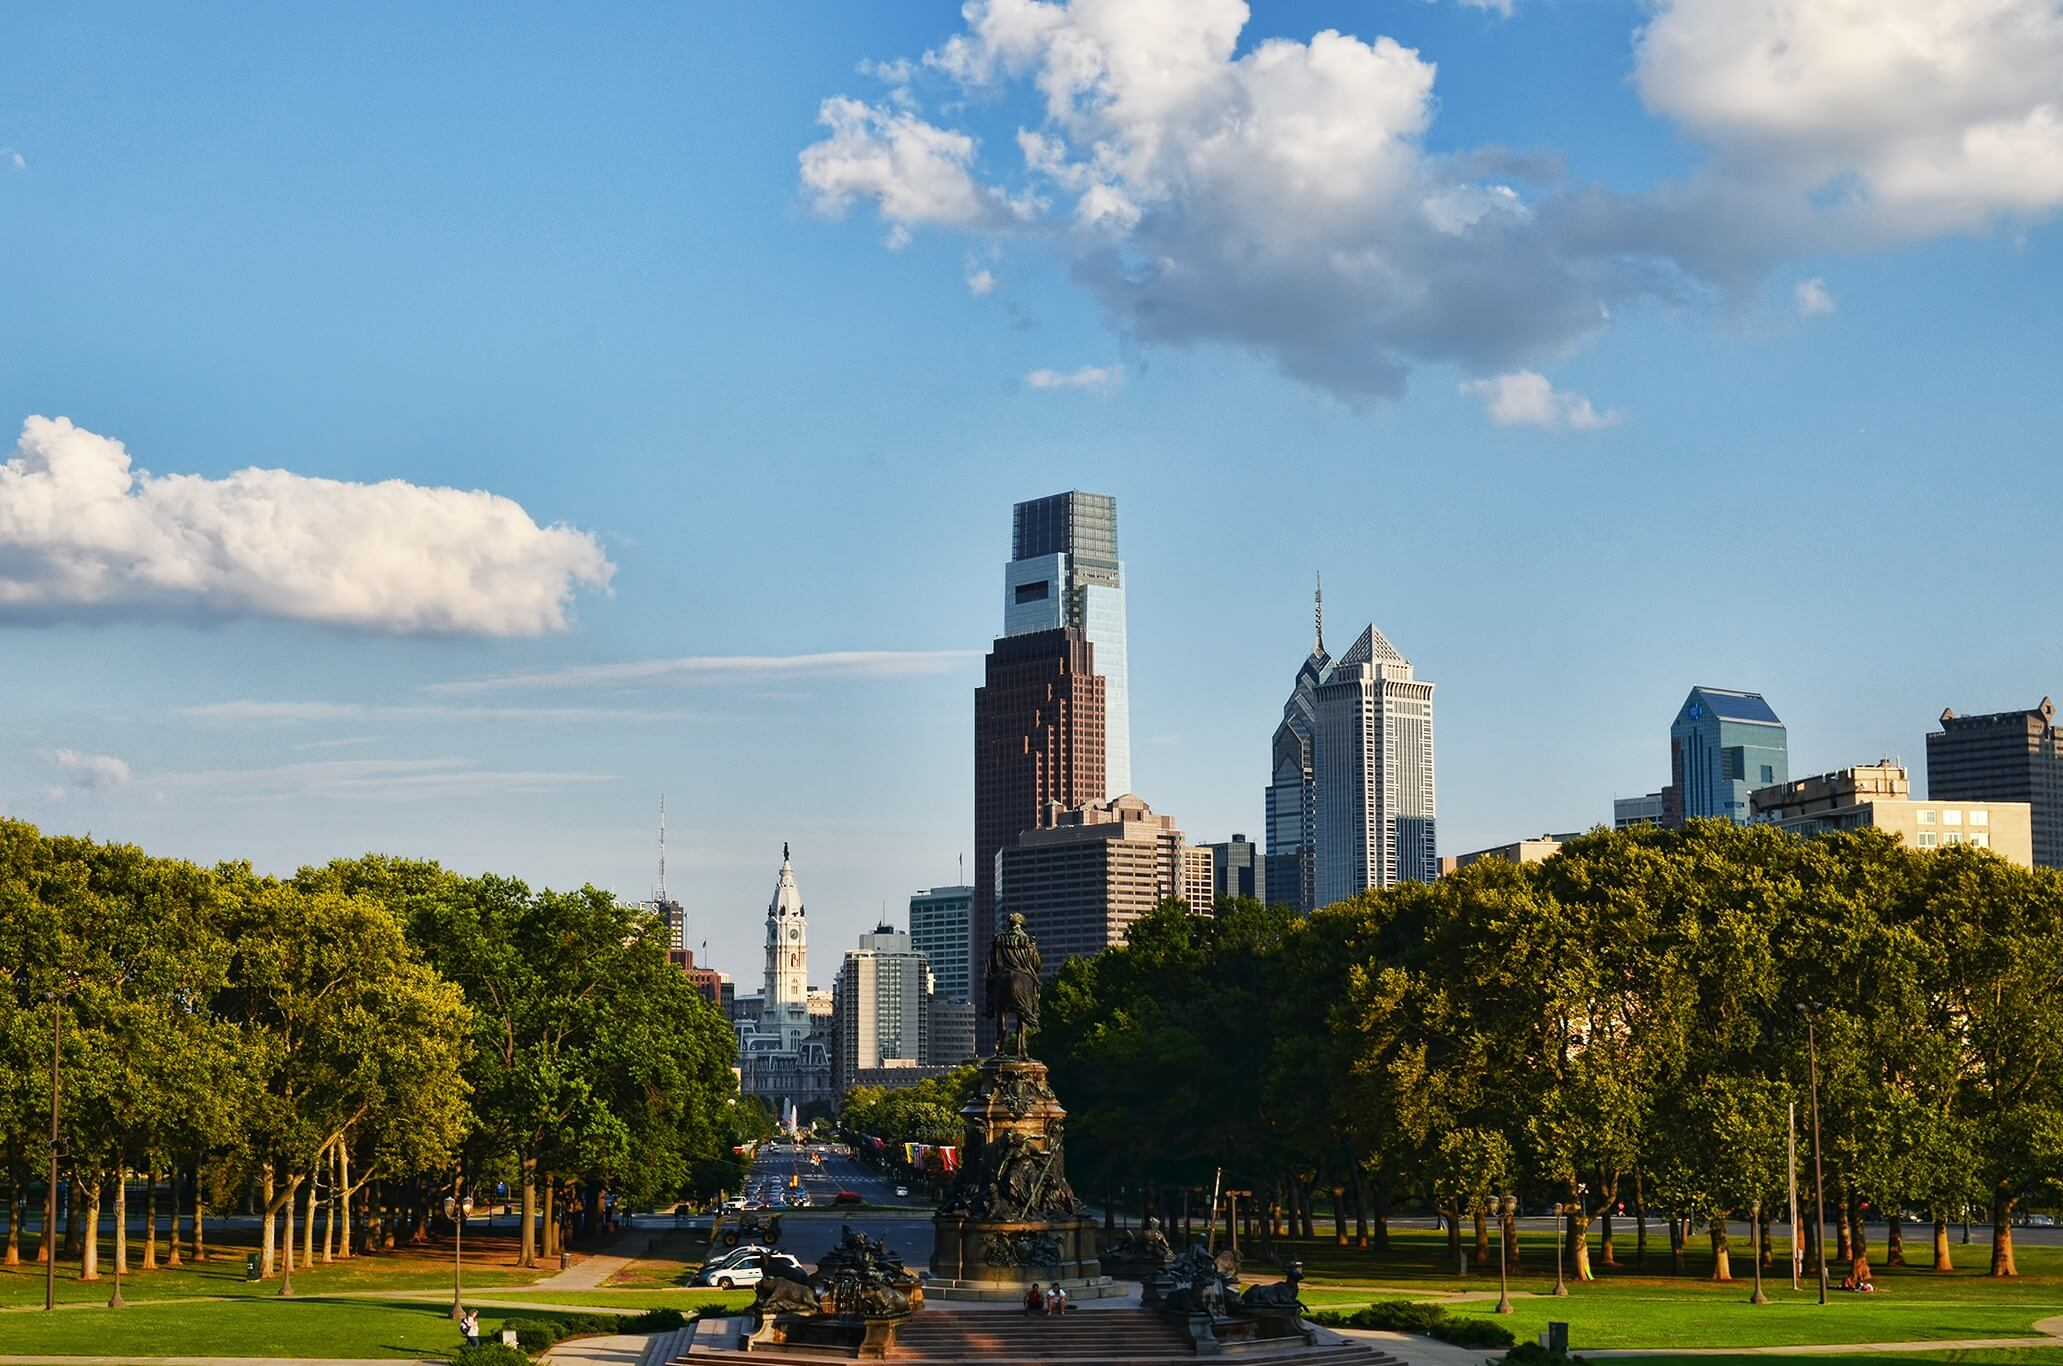 Direktflüge und Billigflüge nach Philadelphia